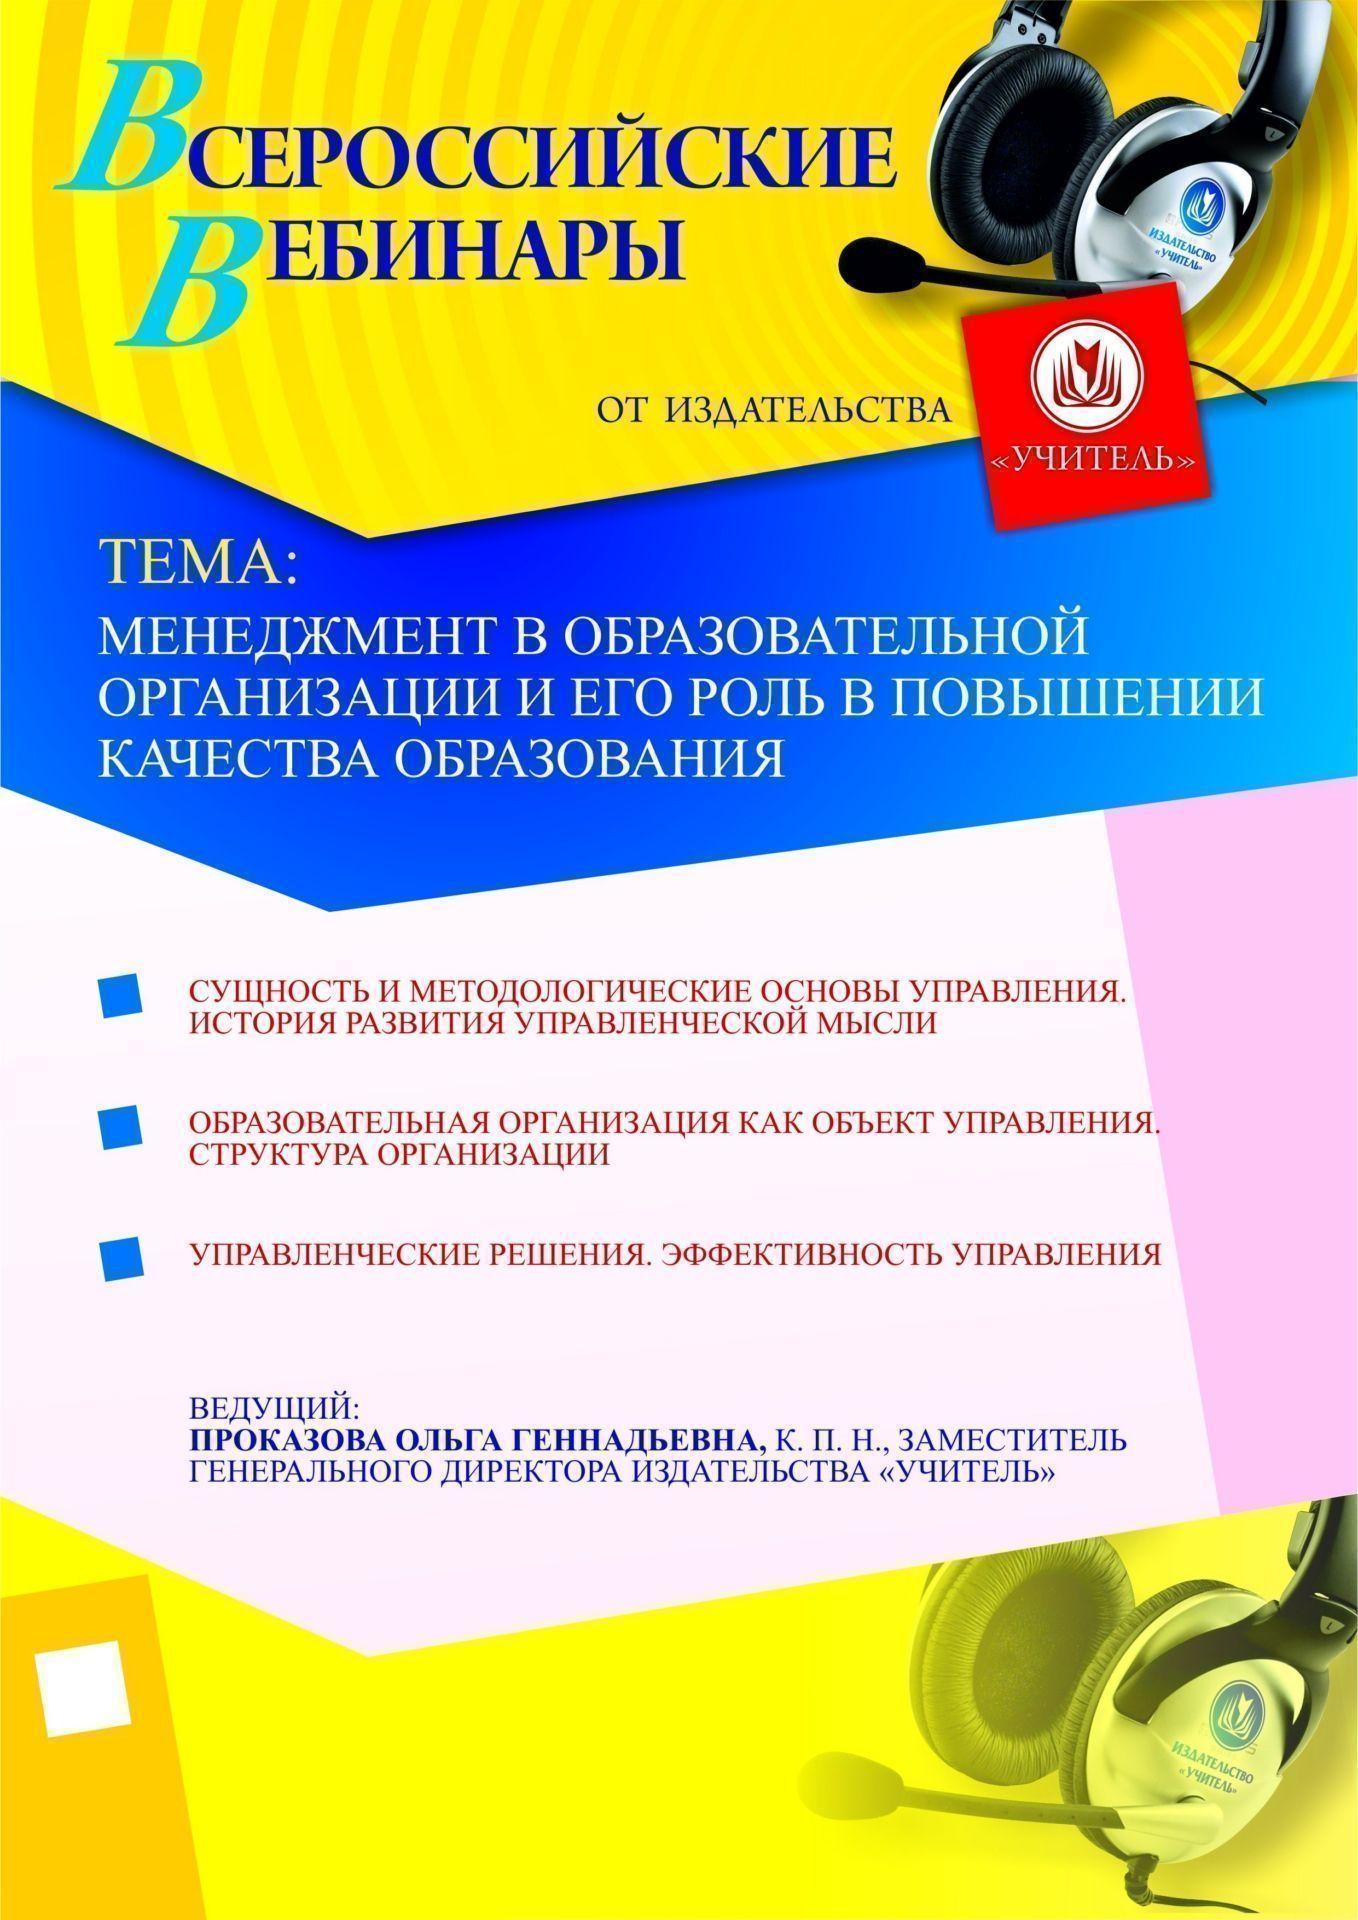 Менеджмент в образовательной организации и его роль в повышении качества образования фото